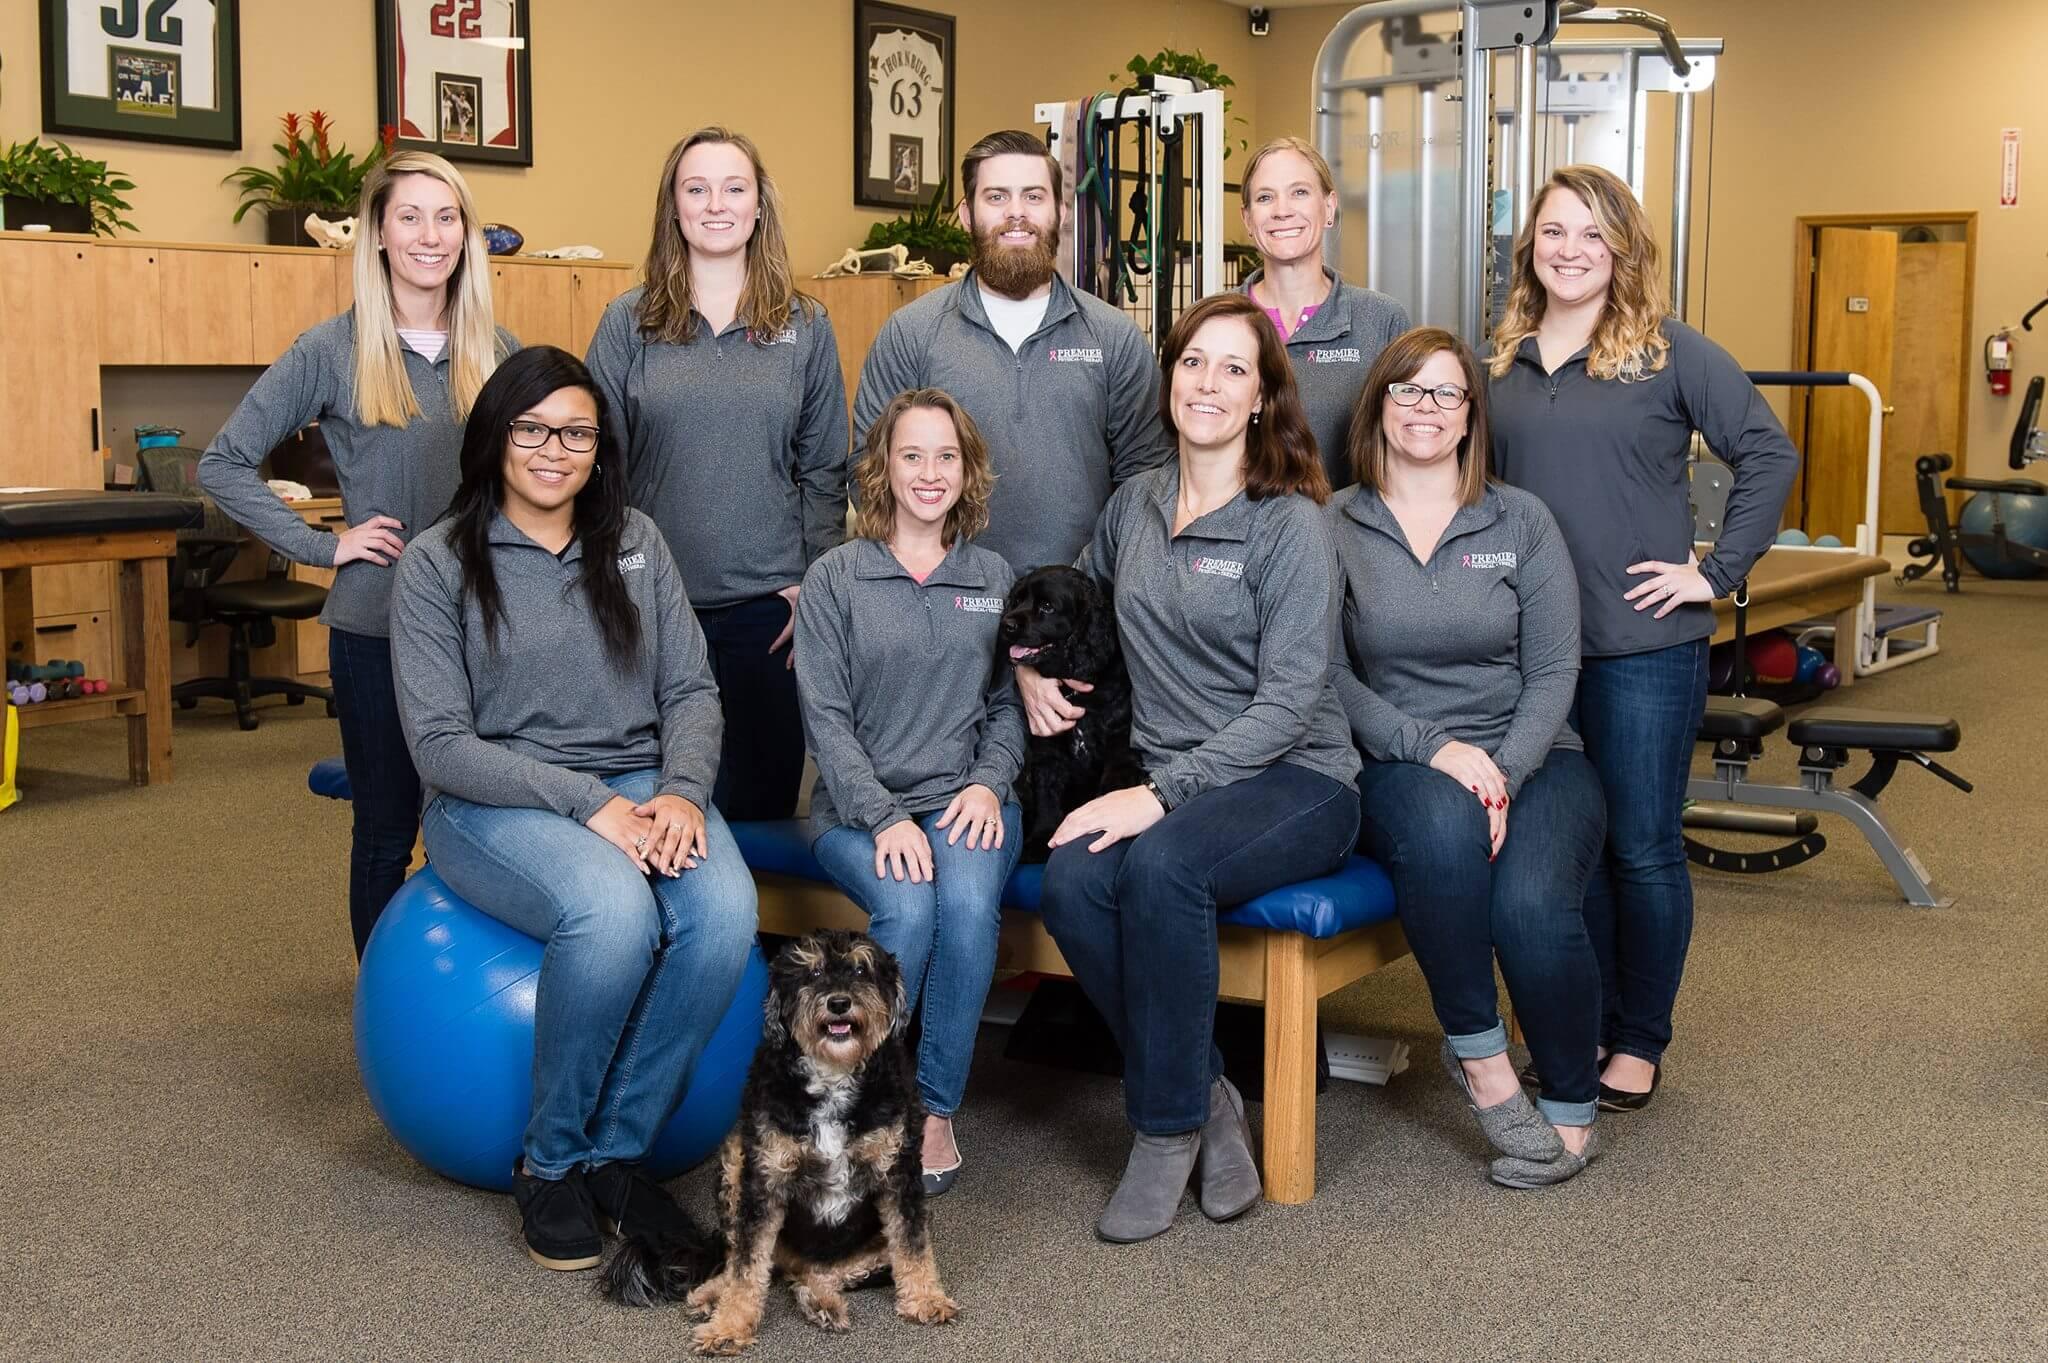 Premier Group Photo